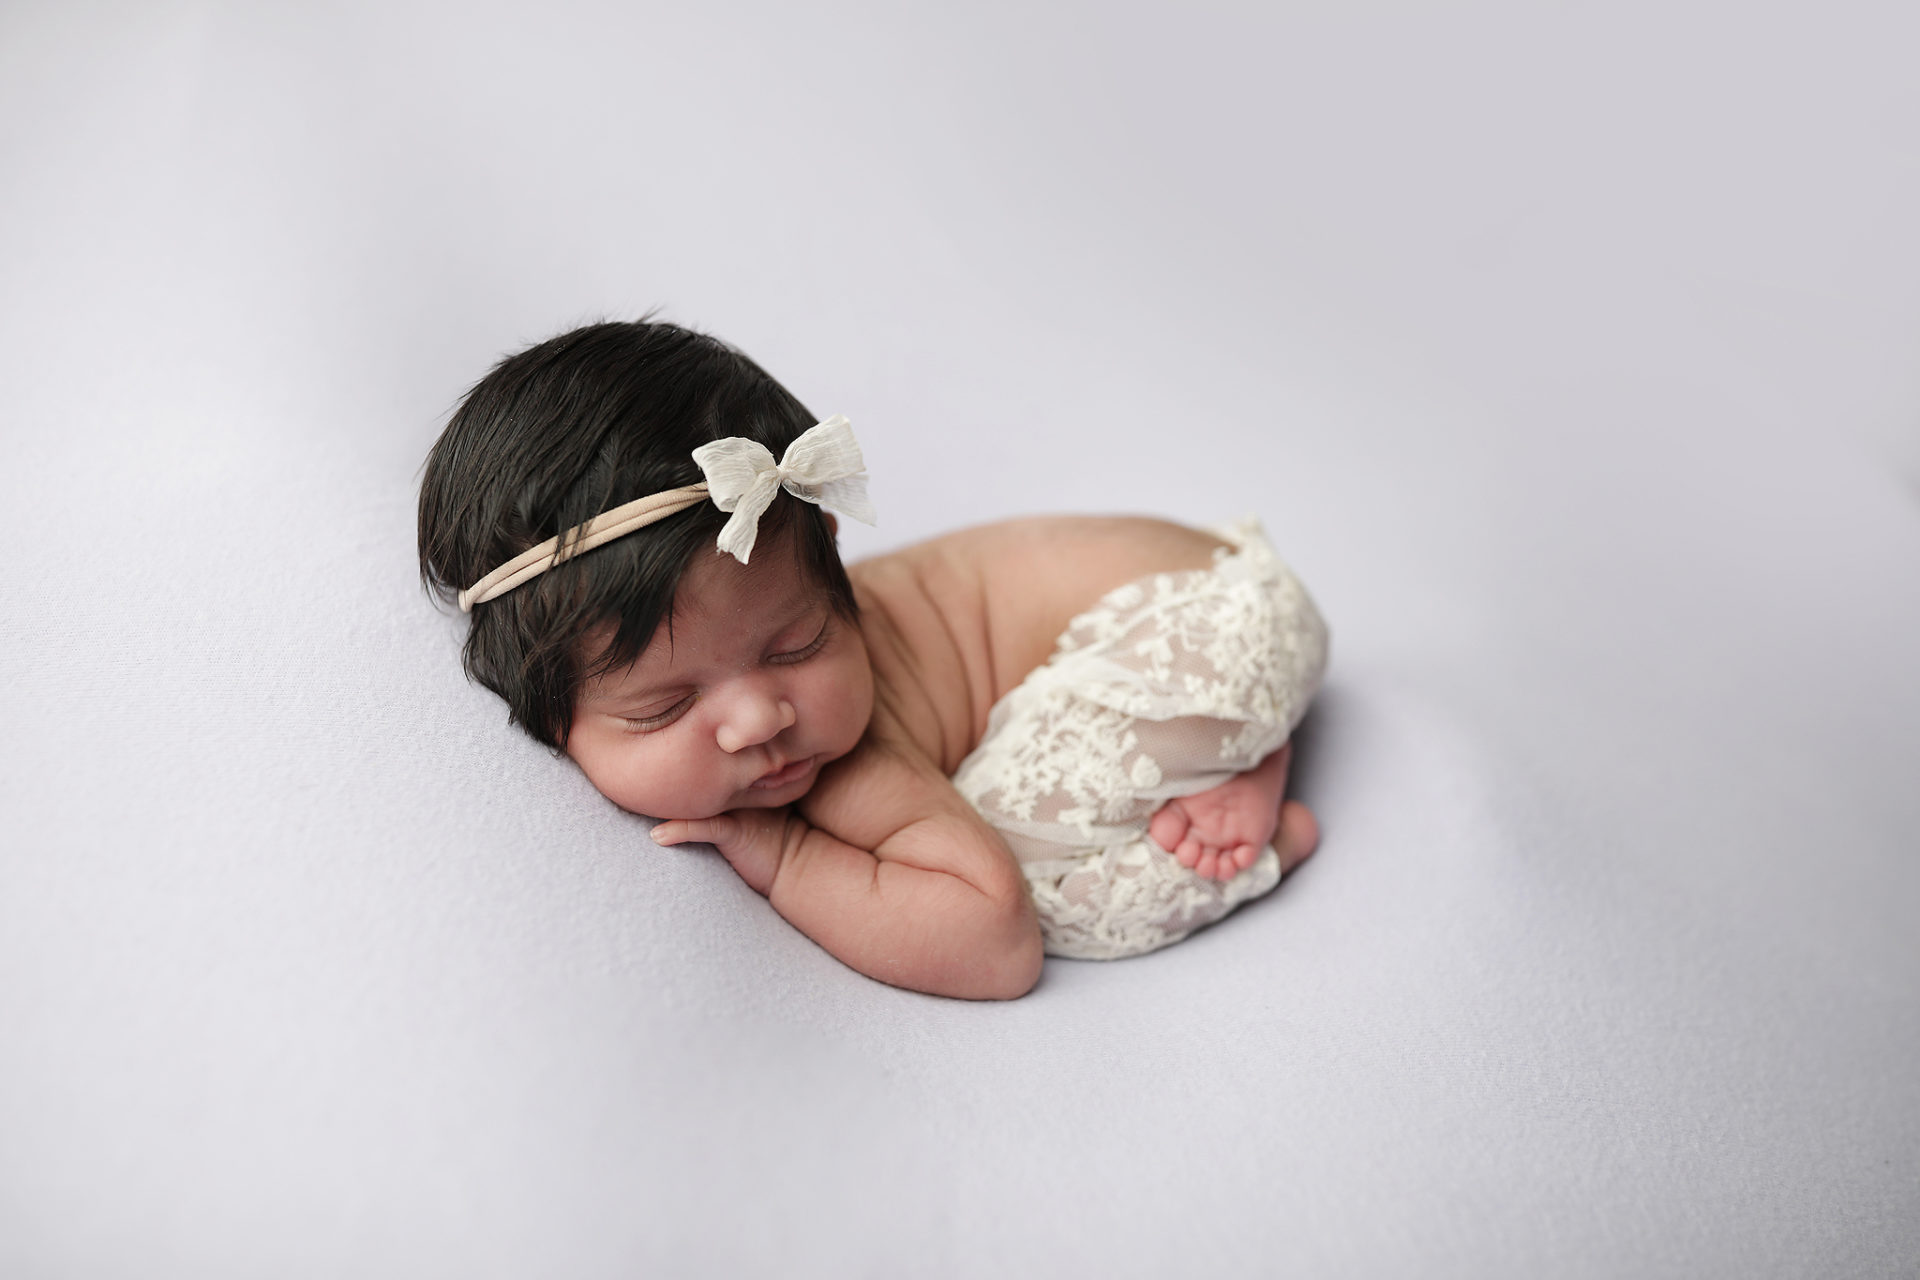 Tucson Newborn poses for pictures